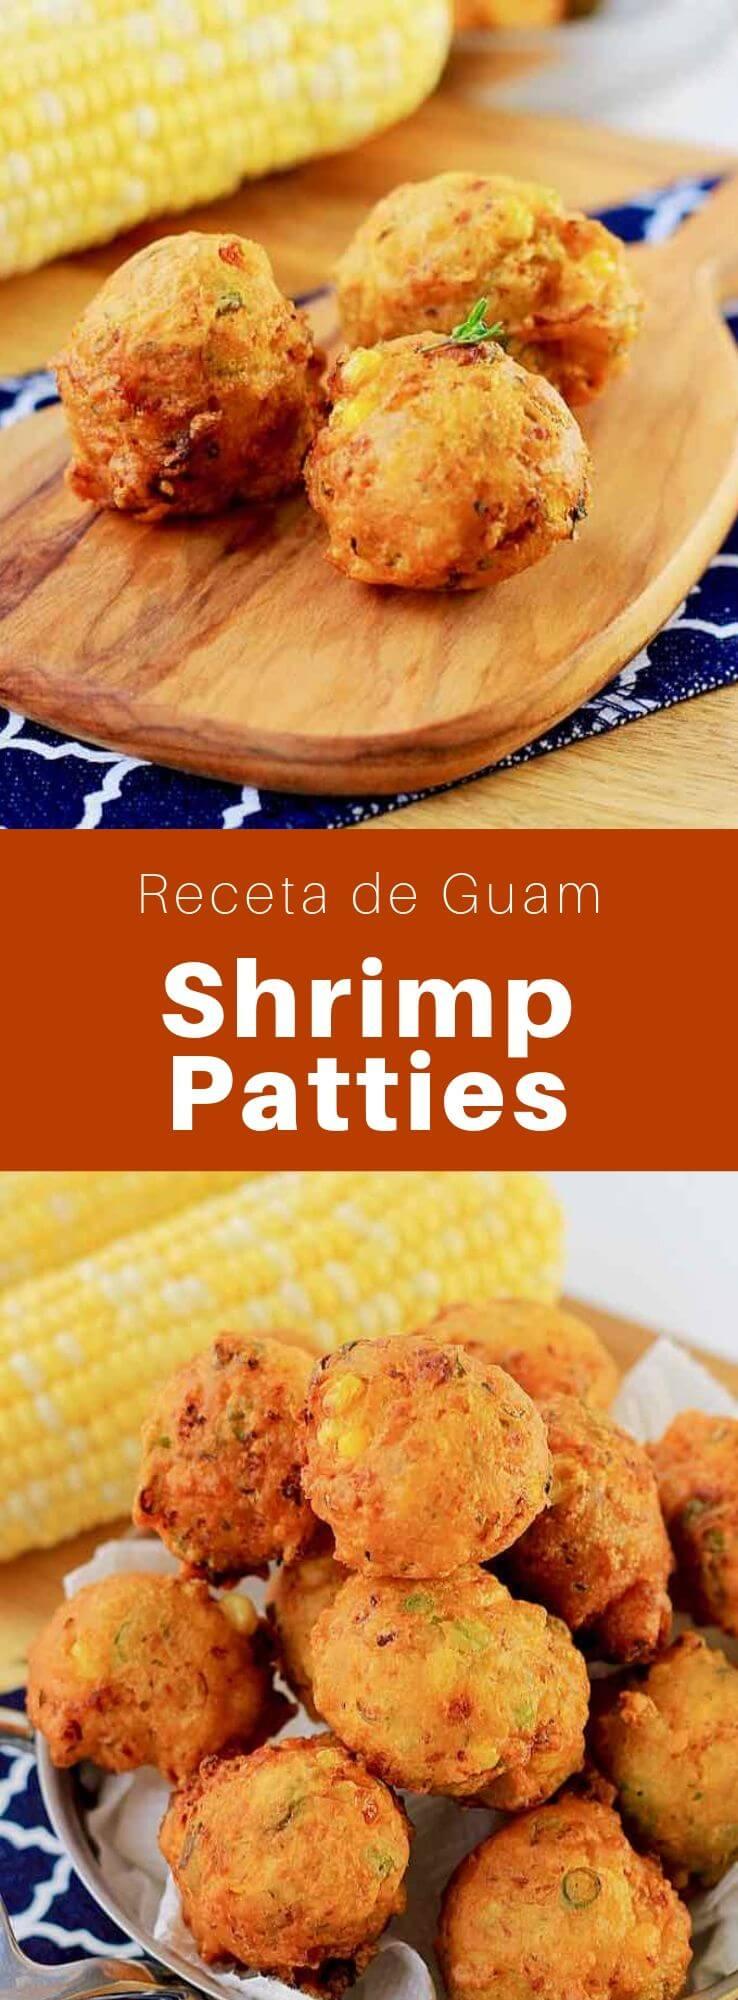 Los buñelos uhang son deliciosos buñuelos de camarones fritos preparados con judías verdes, maíz y guisantes, que son populares en la isla de Guam.